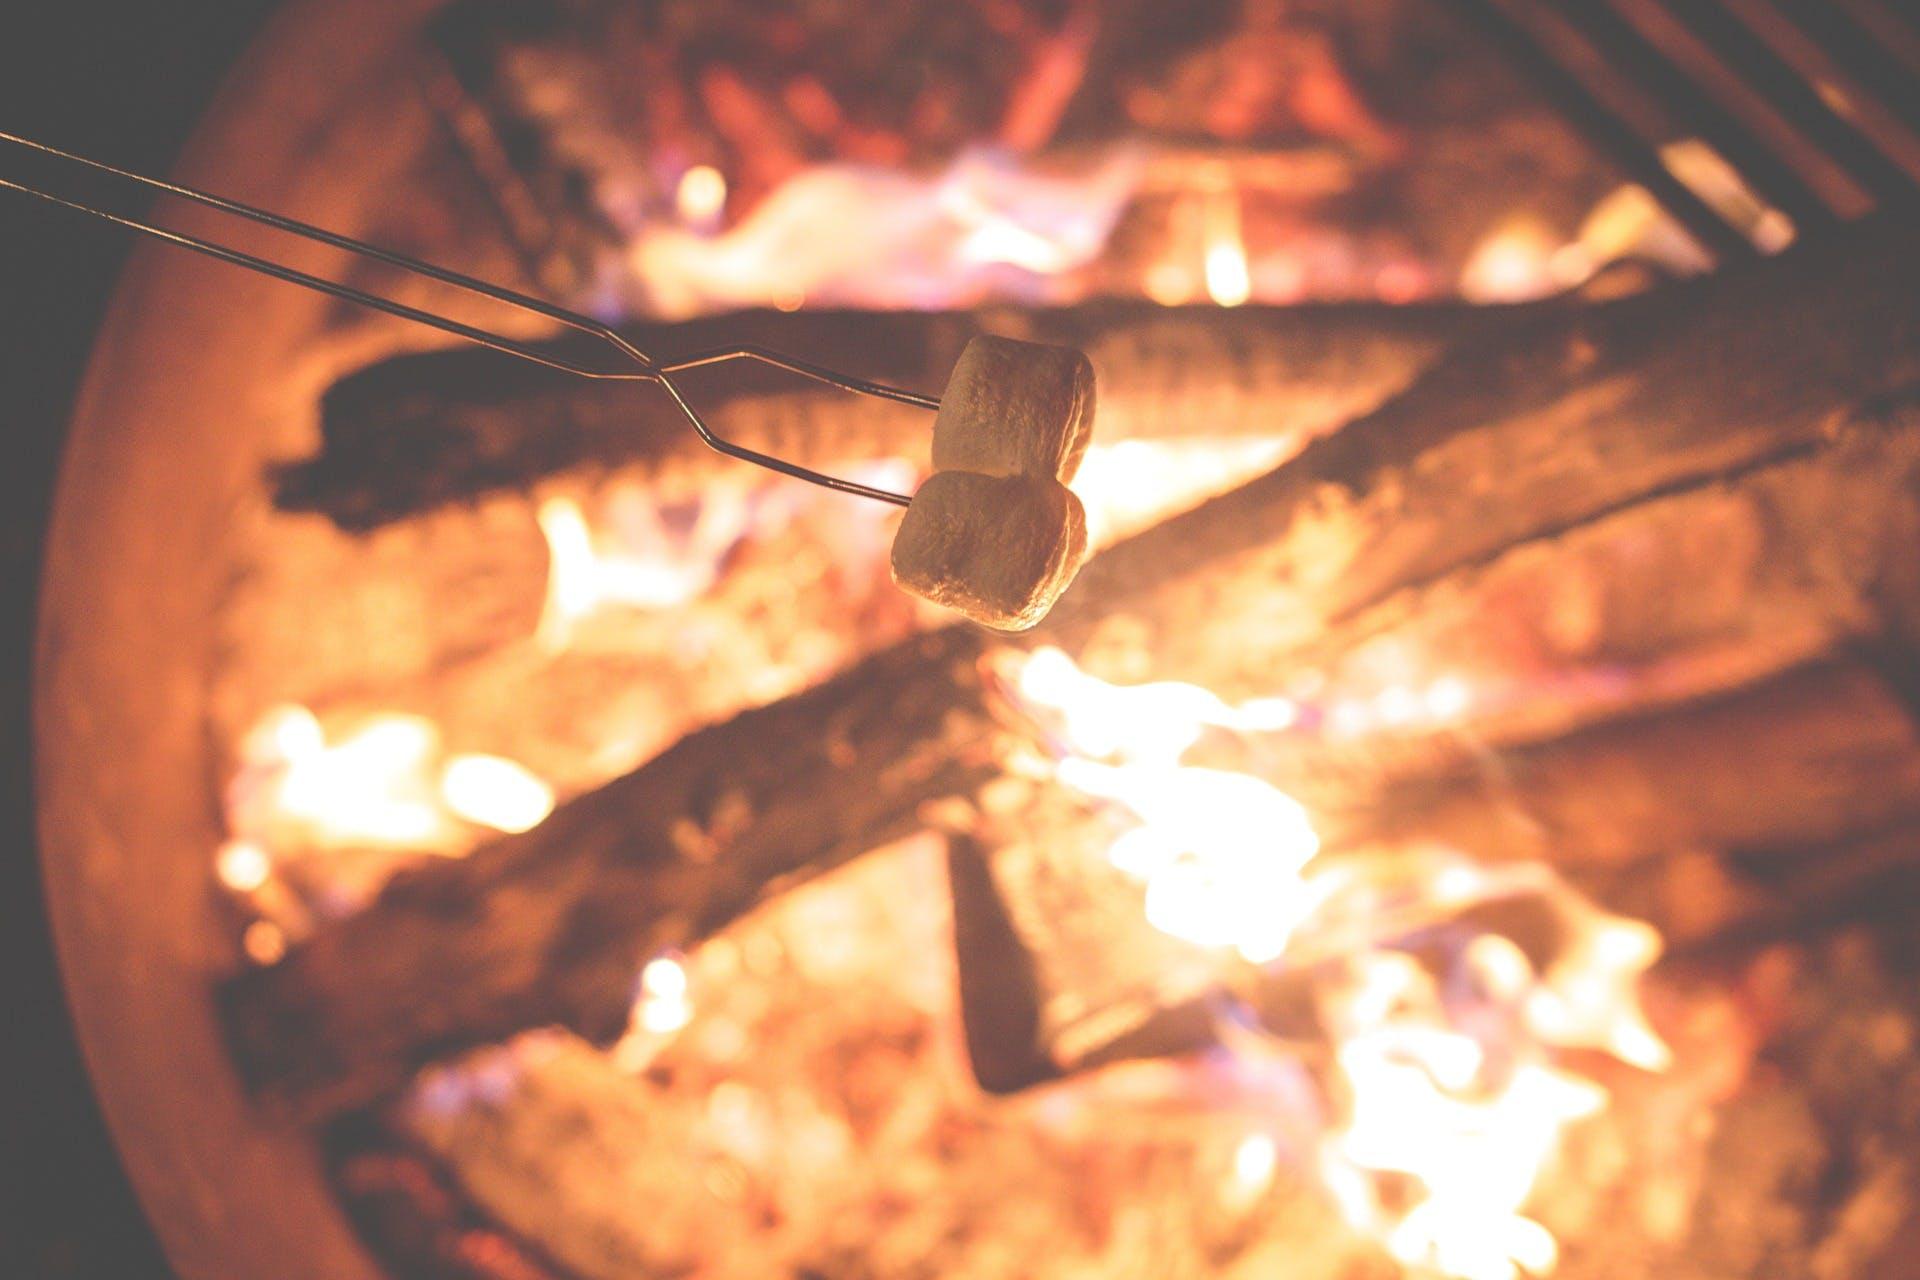 Campfire and smore